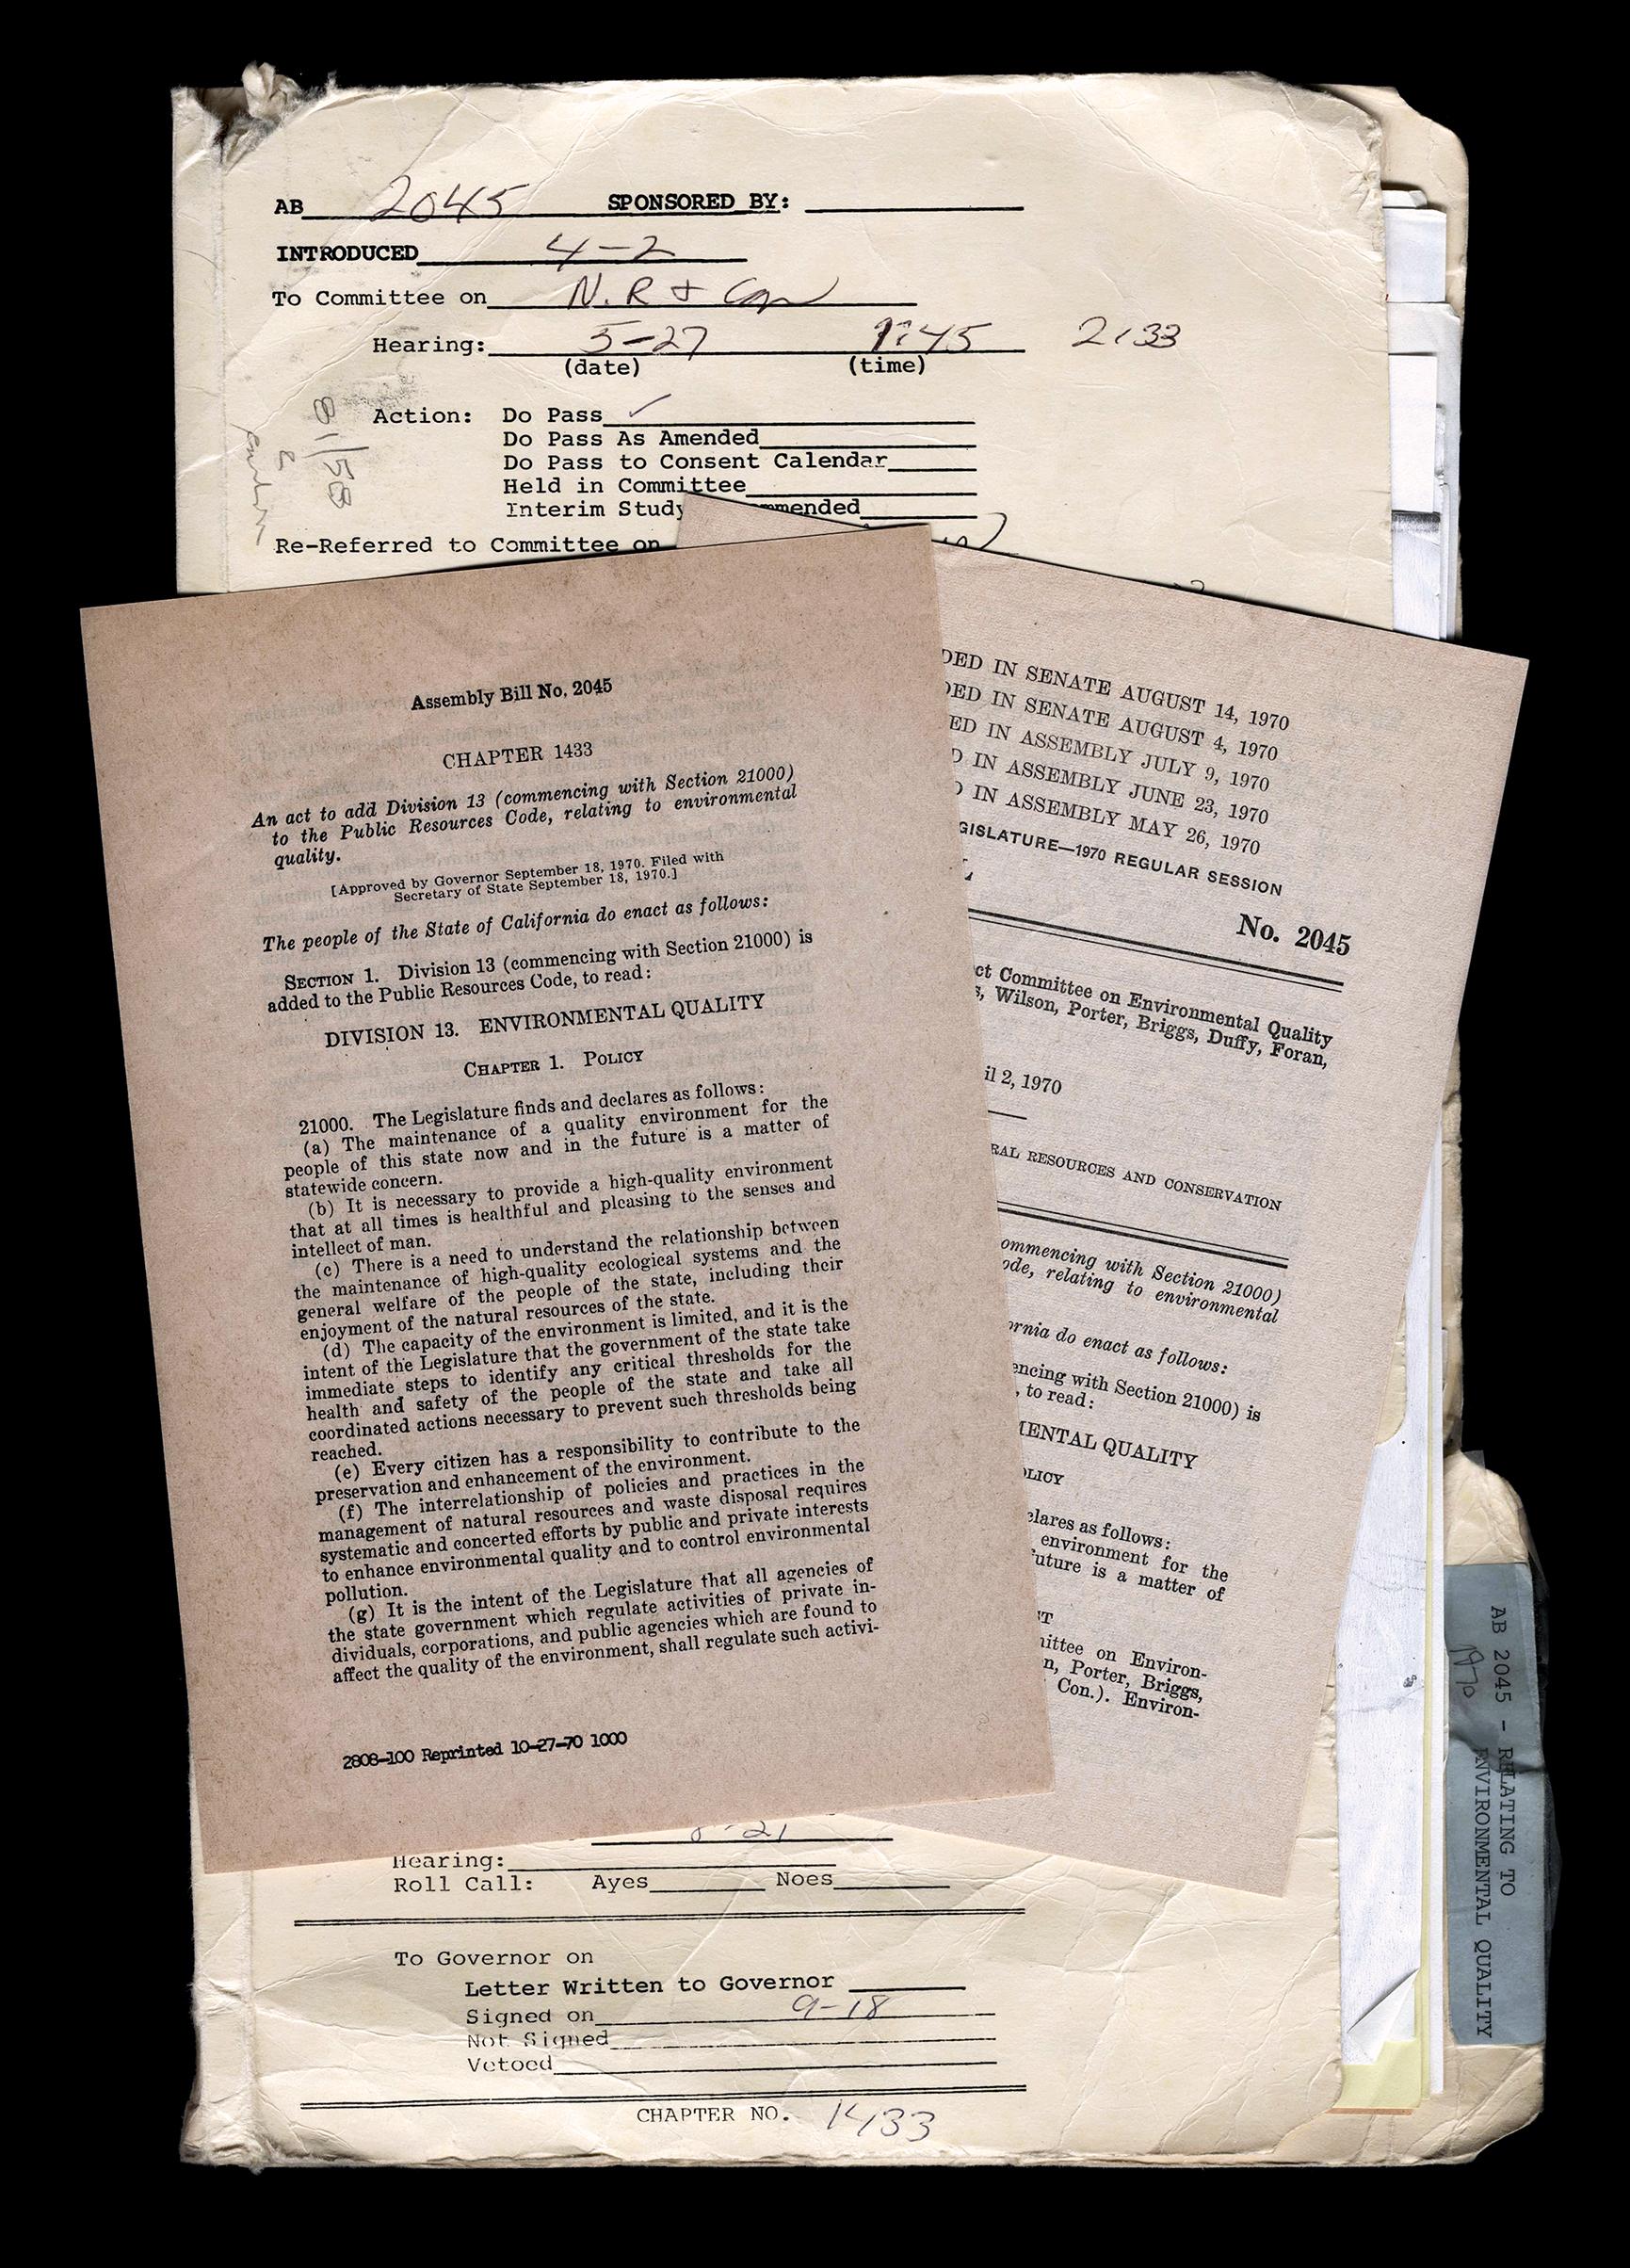 John Knox AB 2045 File Folder